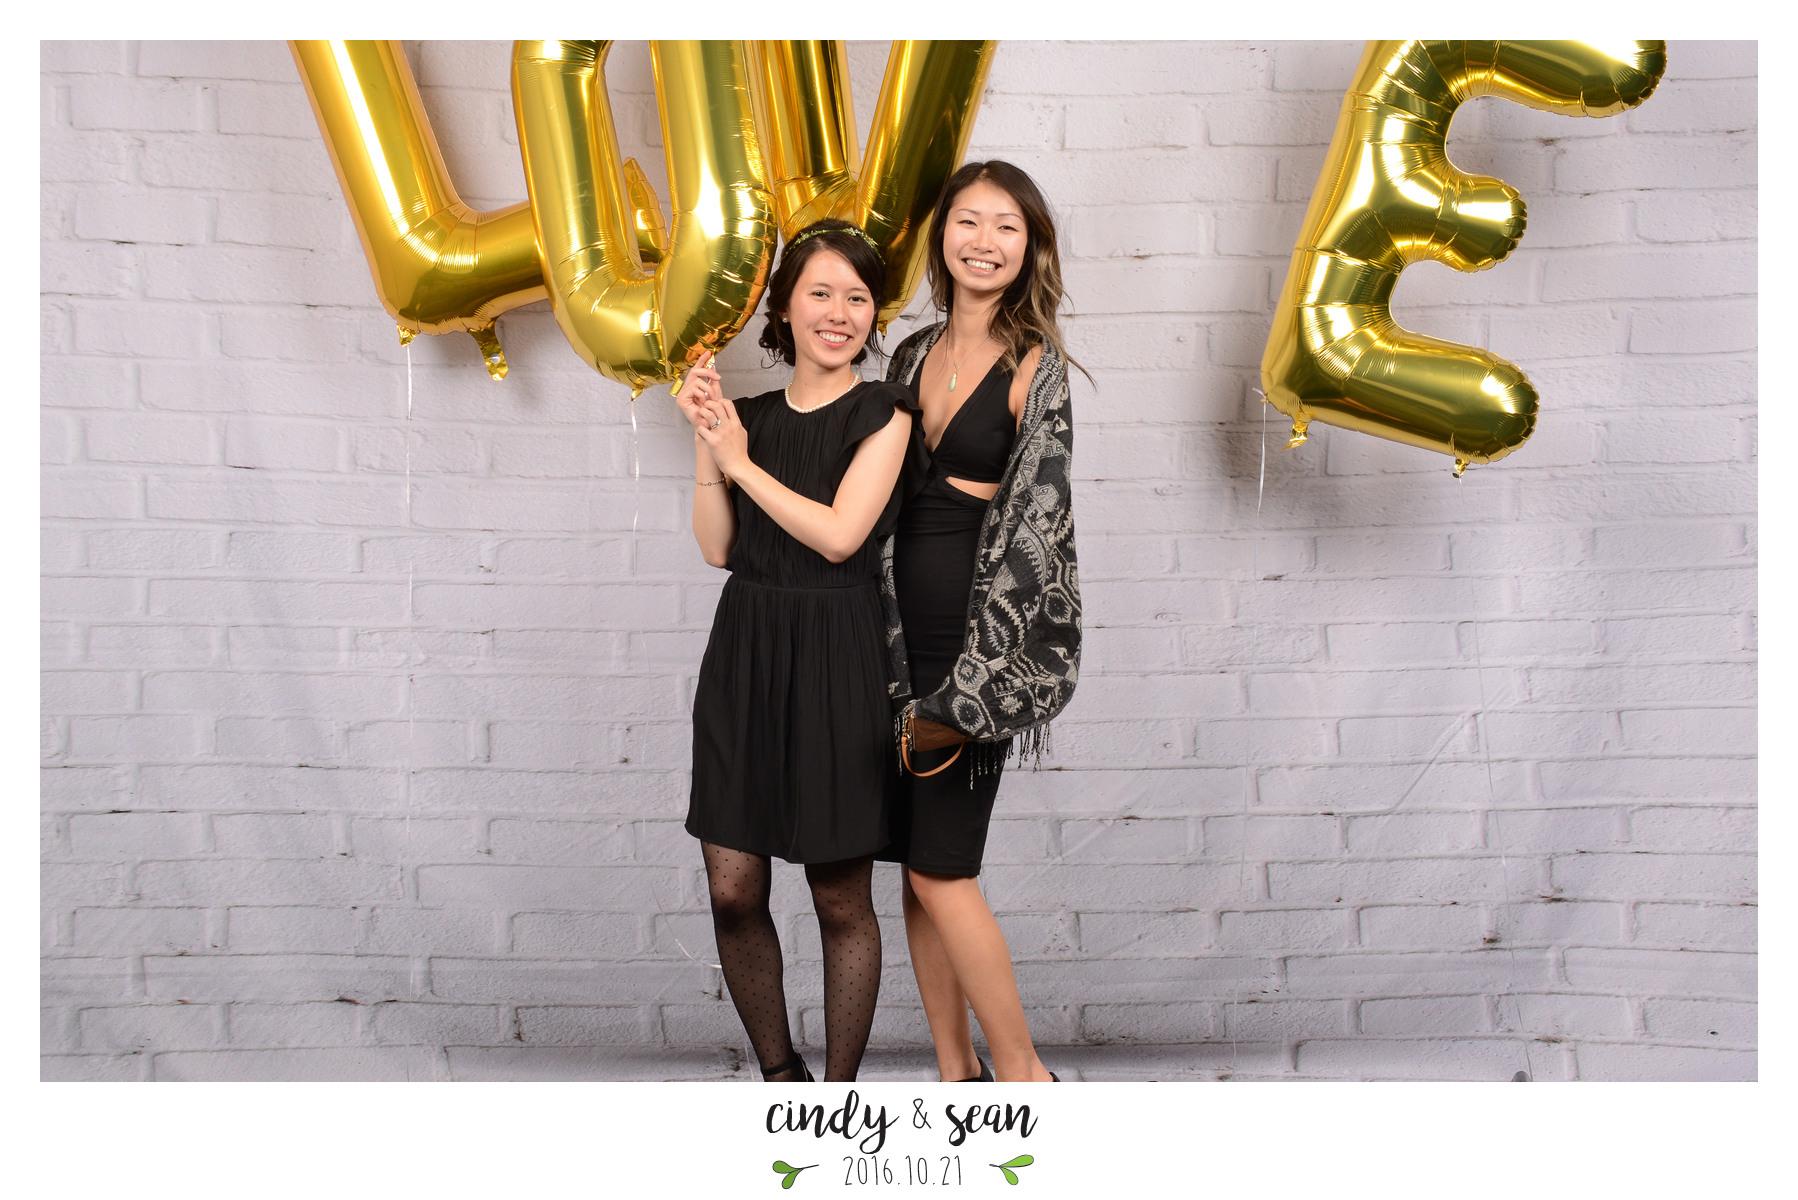 Cindy Sean Bae - 0001-184.jpg